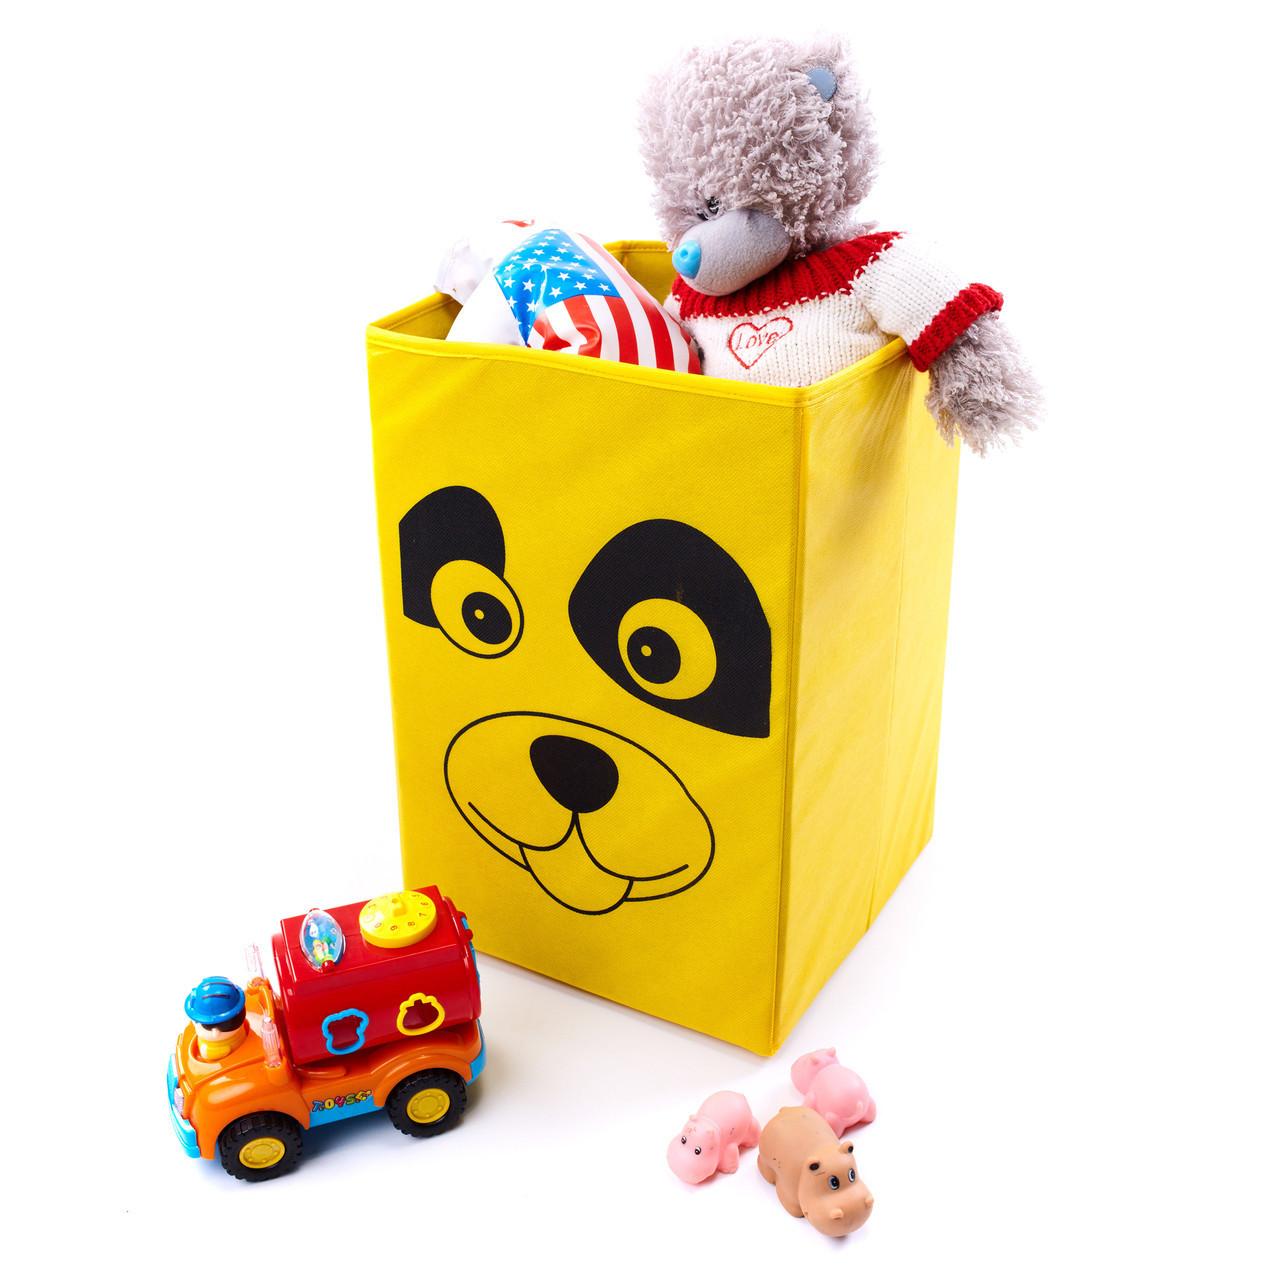 Ящик для зберігання іграшок, 30*30*45 см, Зоопарк Собака (без кришки)